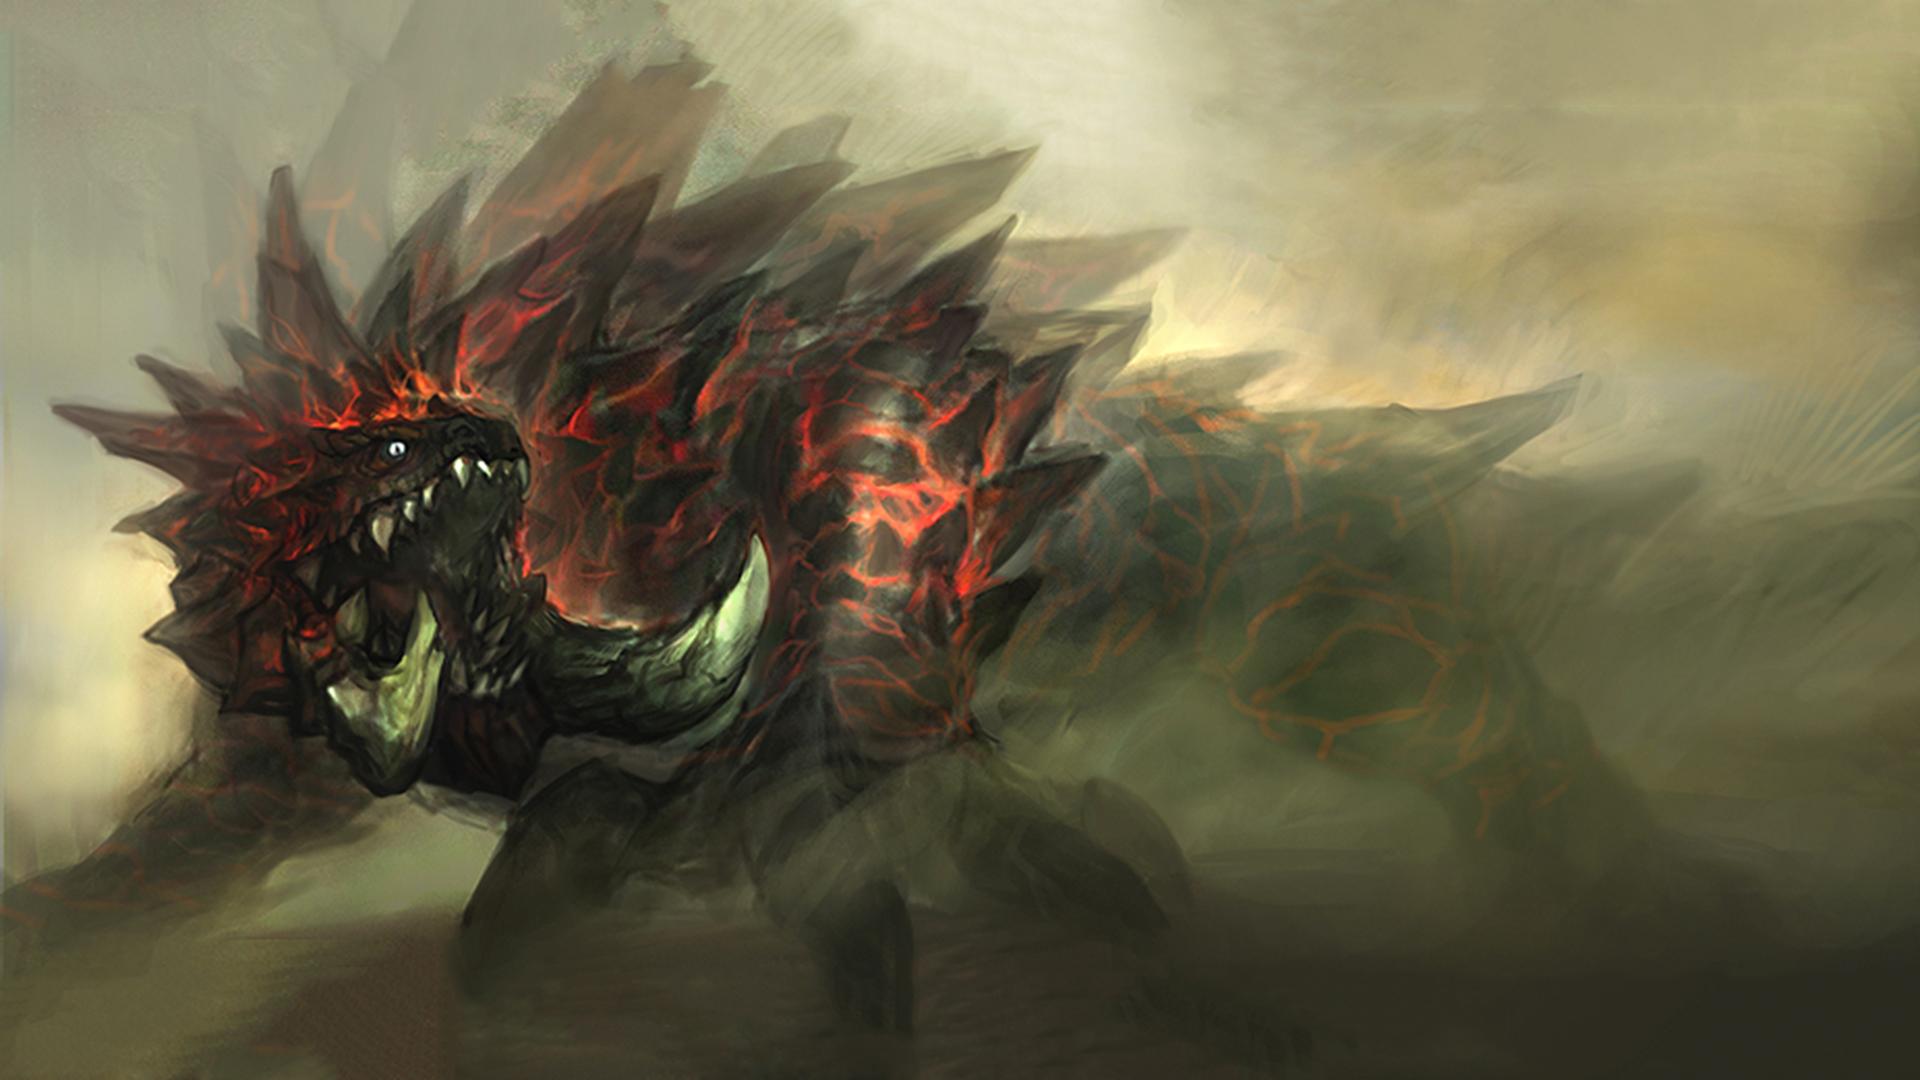 Monster Hunter Wallpapers - WallpaperSafari